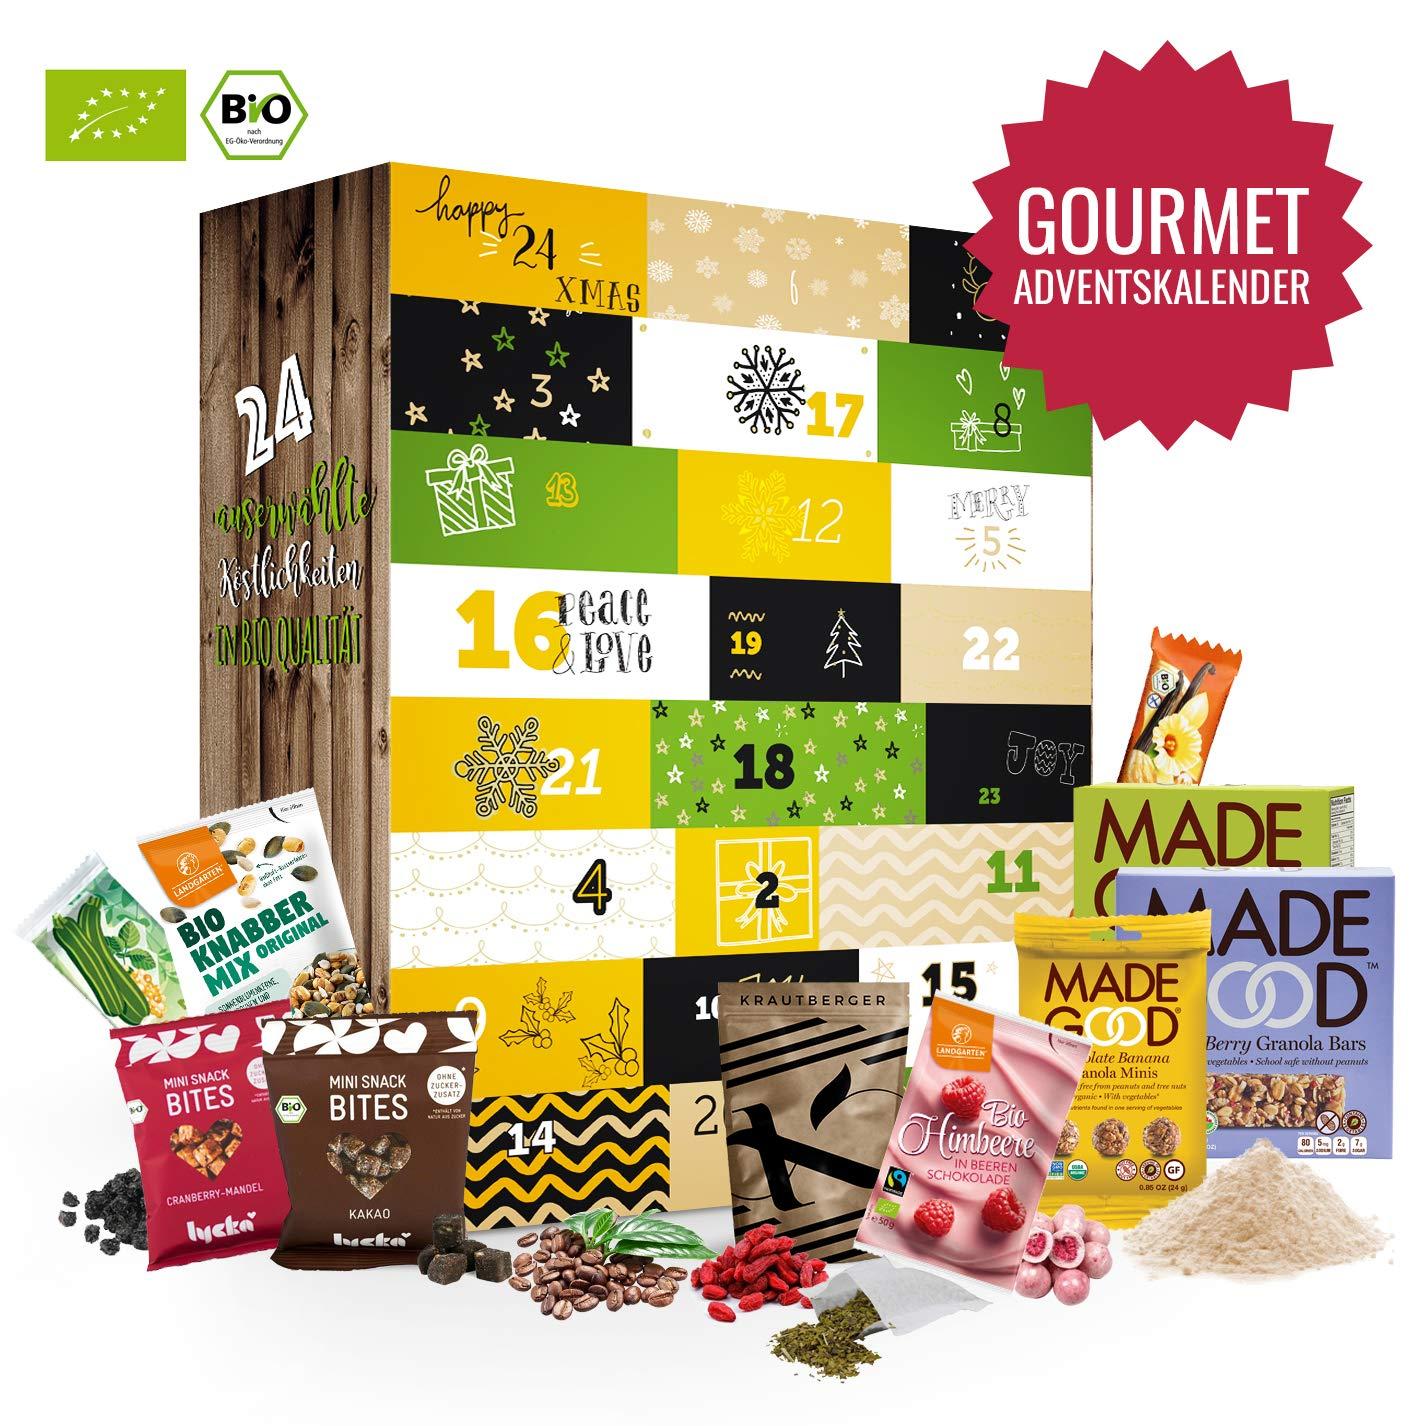 BIO Gourmet Advent Kalender I Weihnachtskalender mit 24 kleine